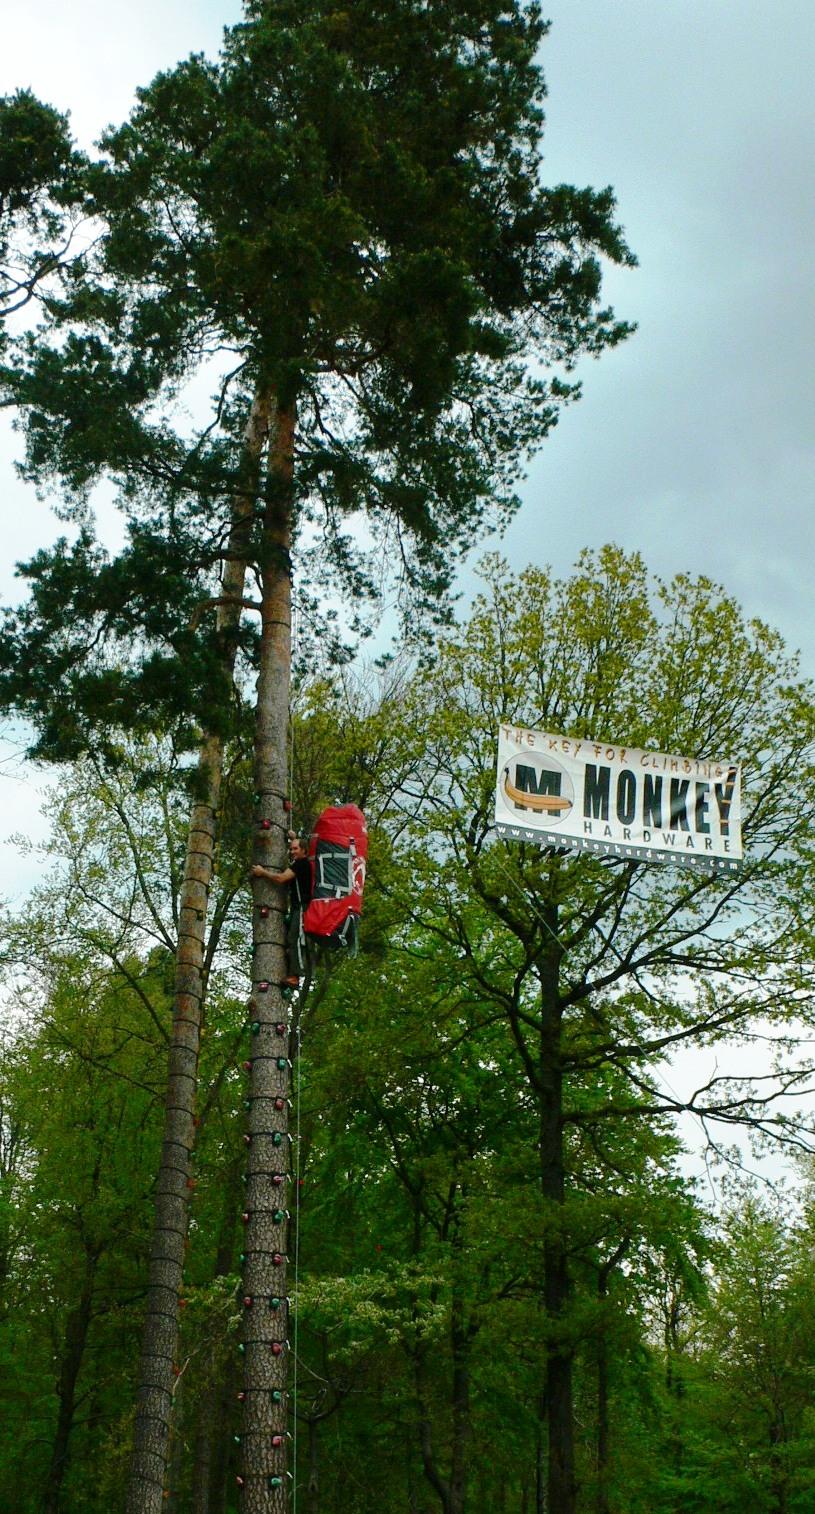 Baumklettern Wettbewerb, ab auf die Bäume